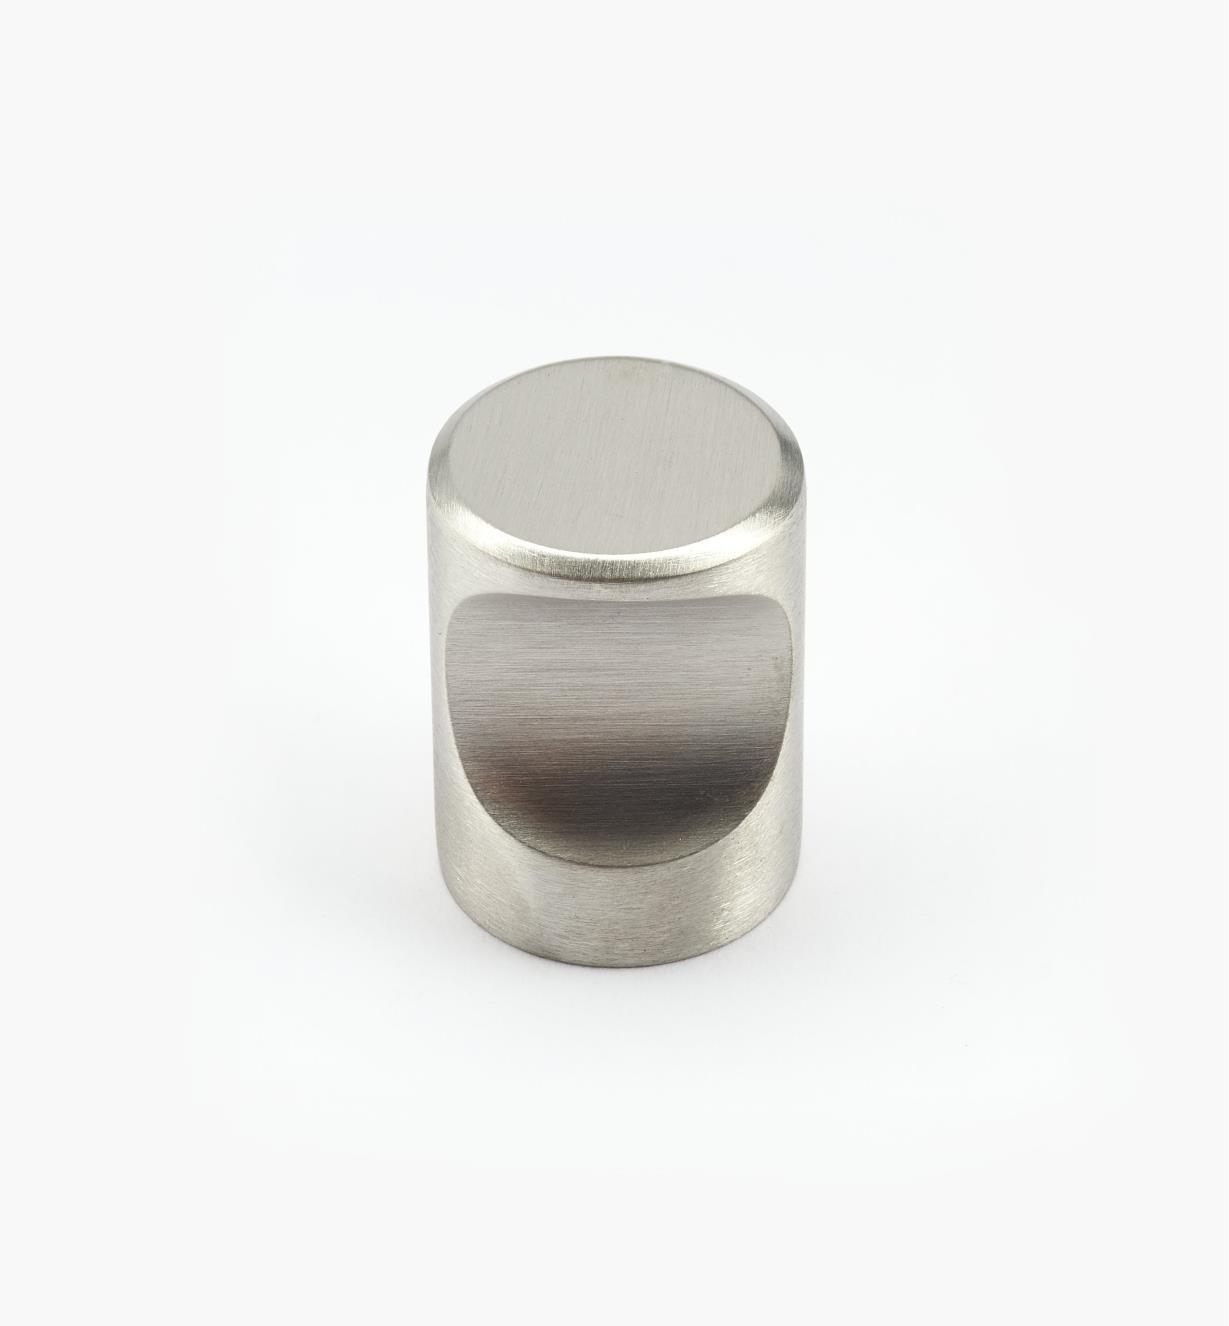 01W6518 - 18mm x 24mm Dimpled Knob